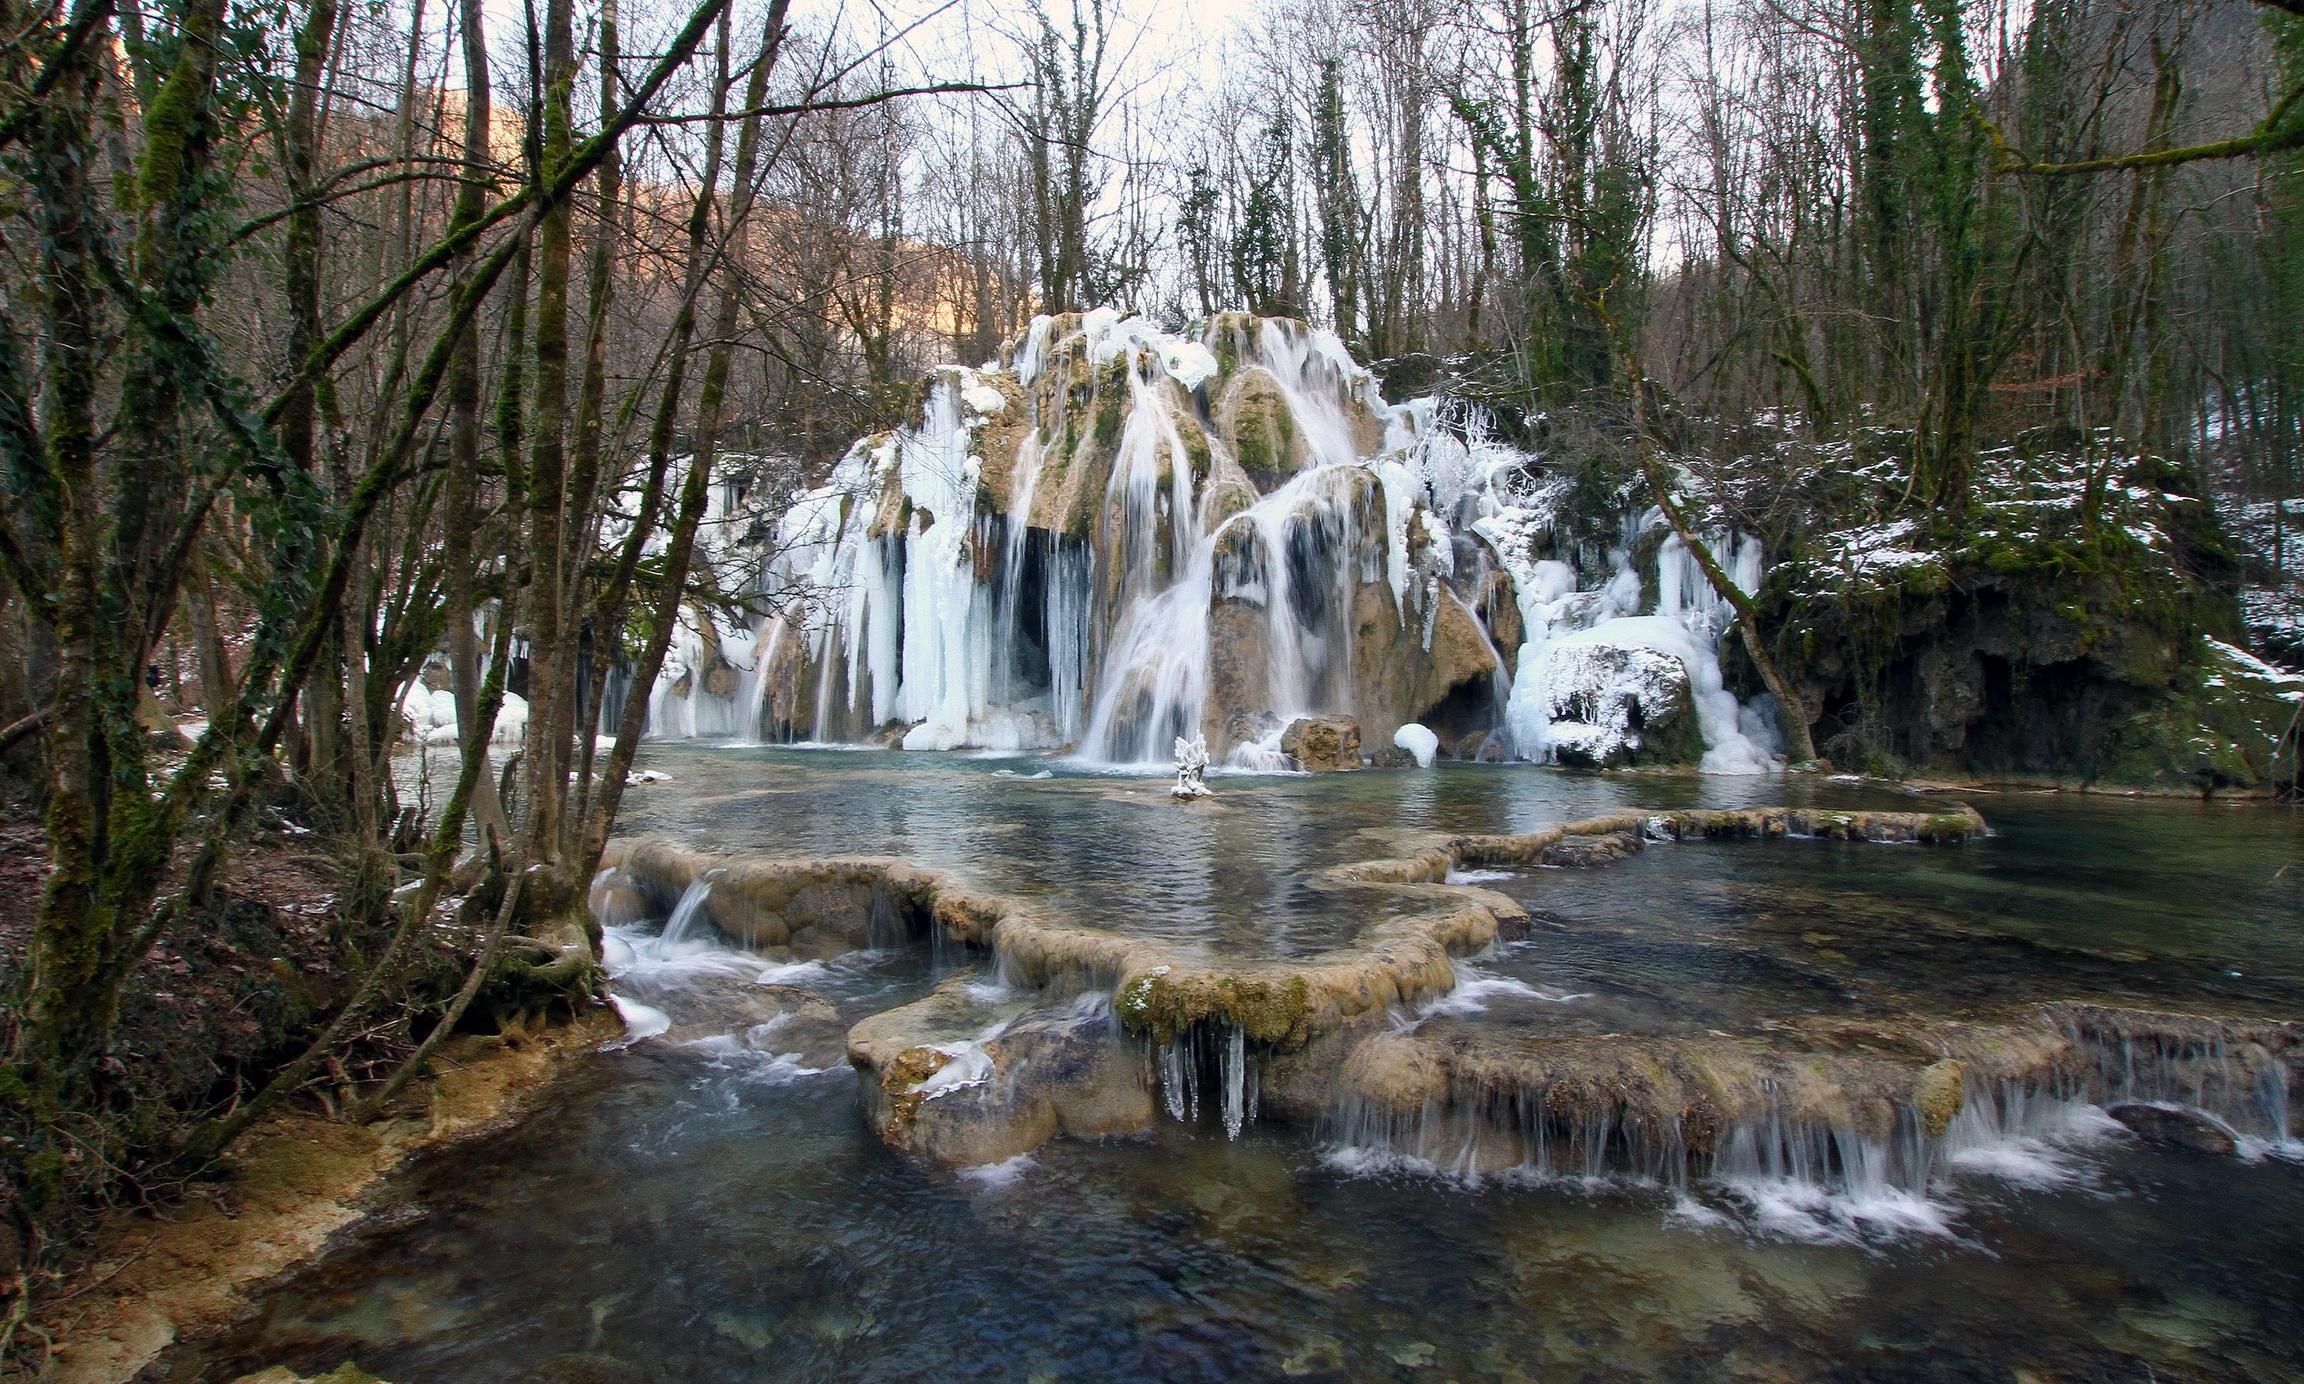 75177壁紙のダウンロード滝, フランス, カスケードデトリュフレプランチ, カスケード・デ・トリュフ・レ・プランシュ, 自然-スクリーンセーバーと写真を無料で